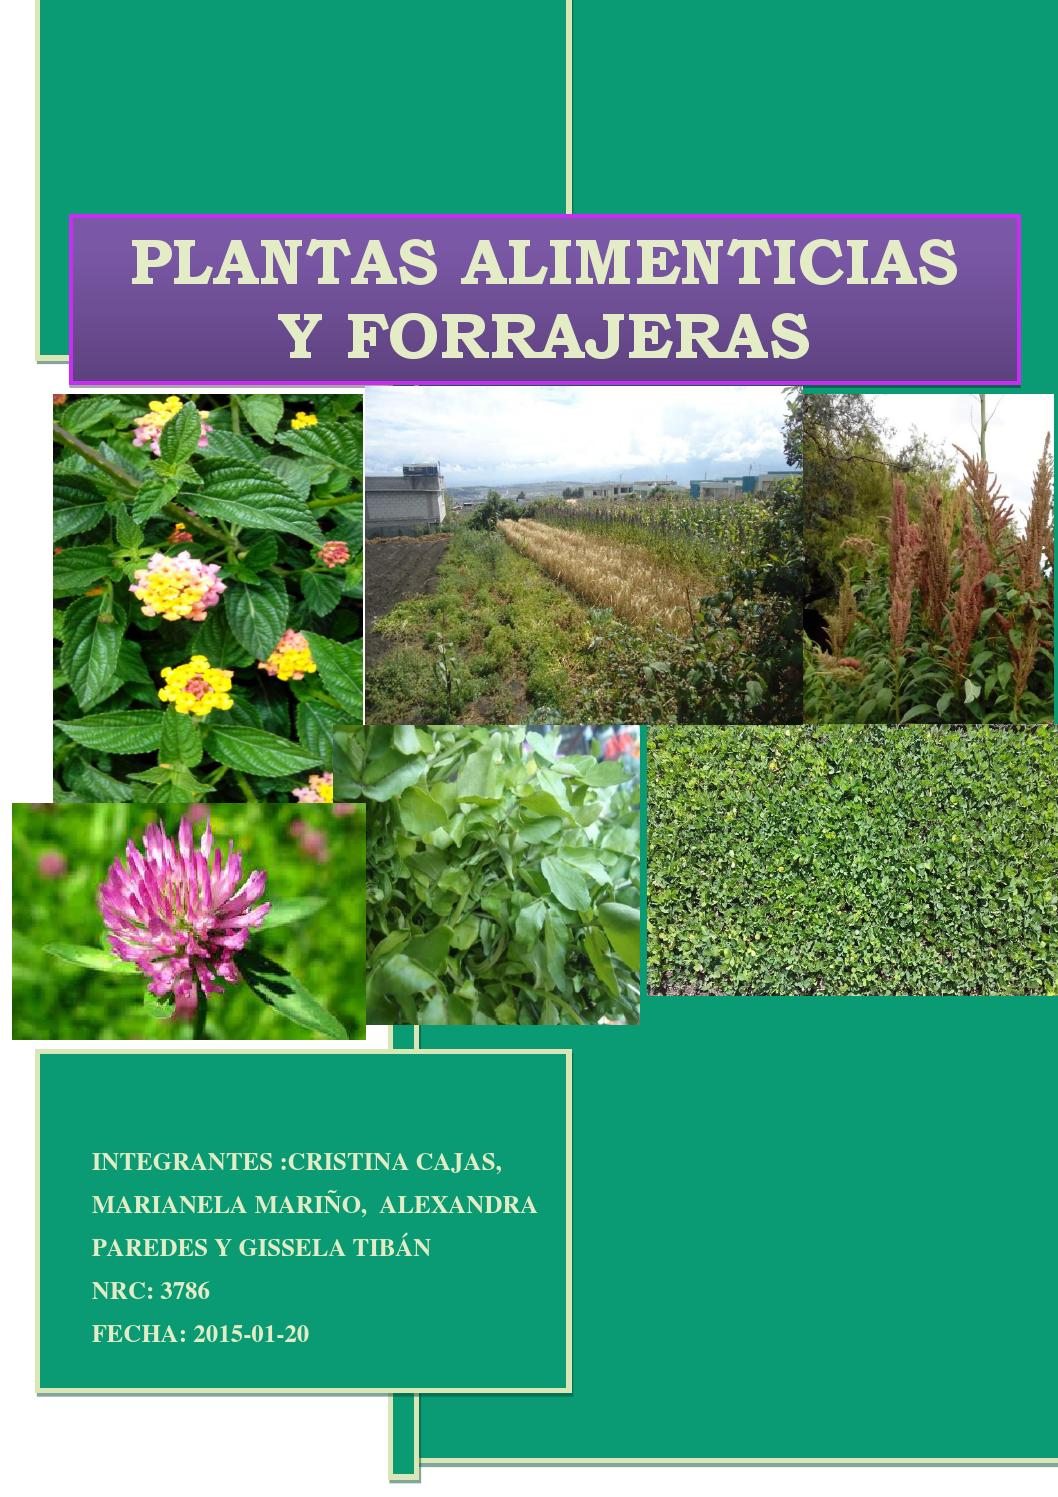 Plantas alimenticias y forrajeras by kelka issuu for Plantas medicinales y ornamentales